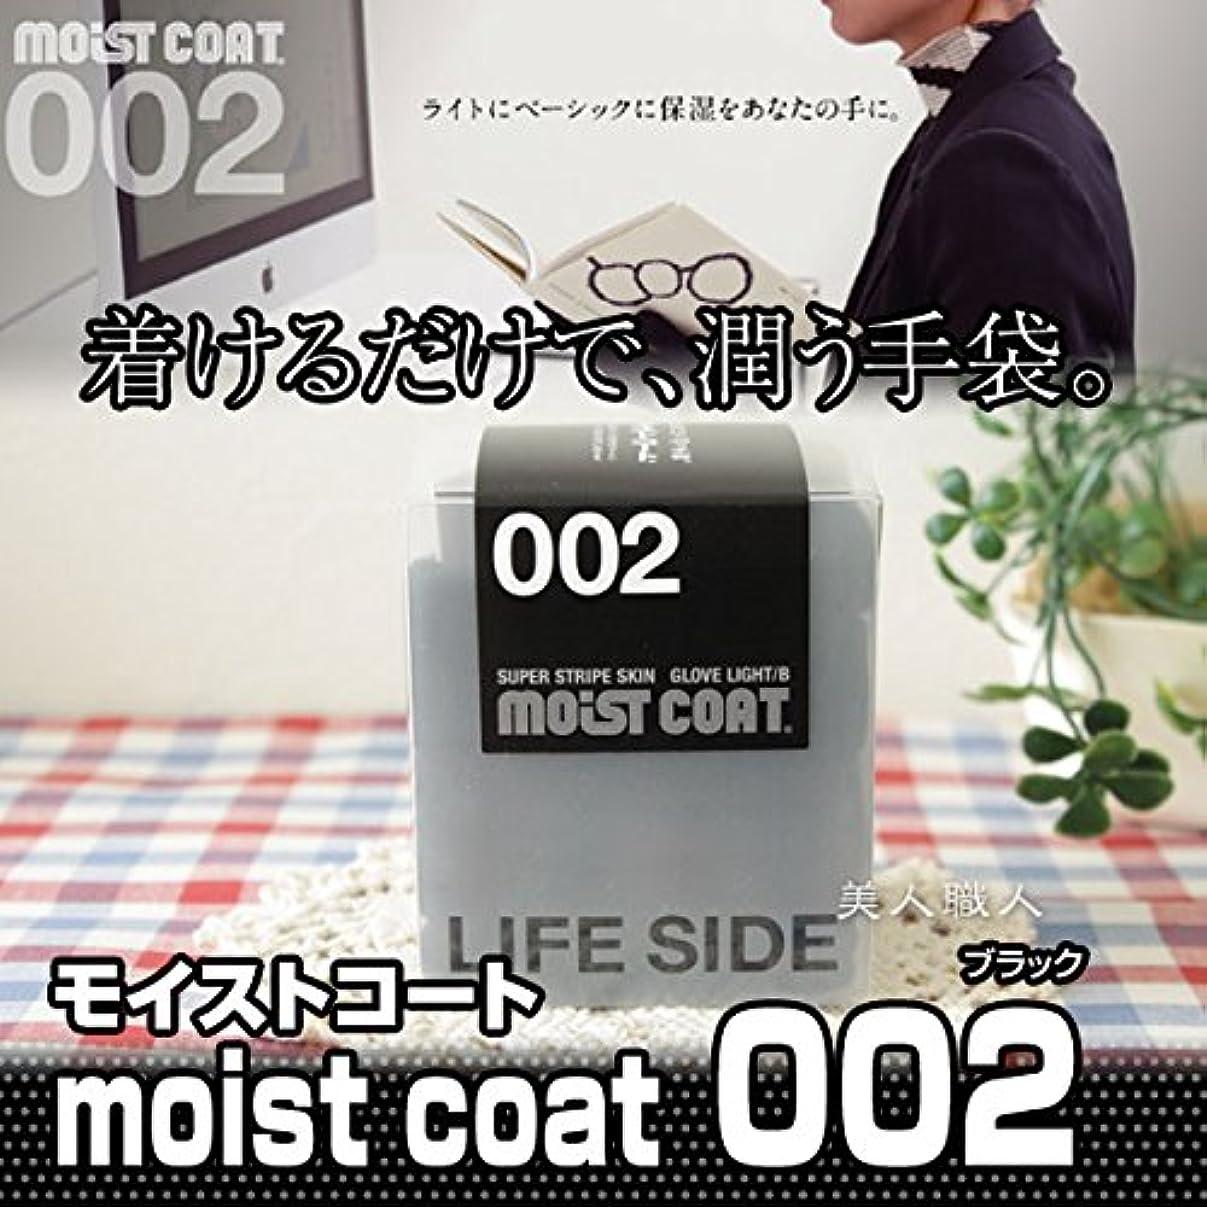 抱擁好色な保存コラーゲン手袋 モイストコート002 ブラック